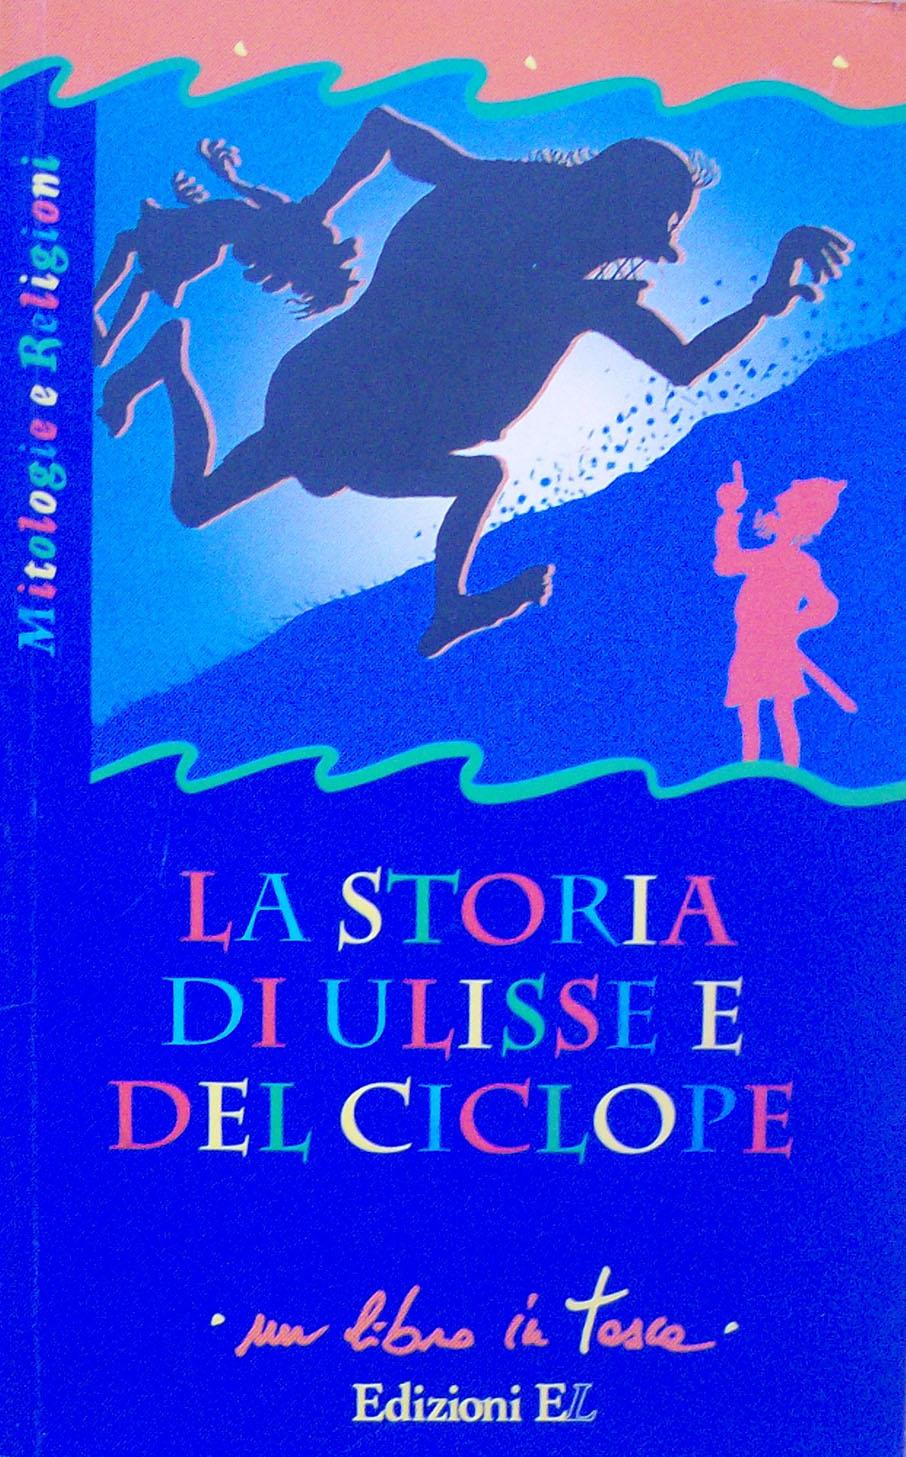 La storia di Ulisse e del ciclope